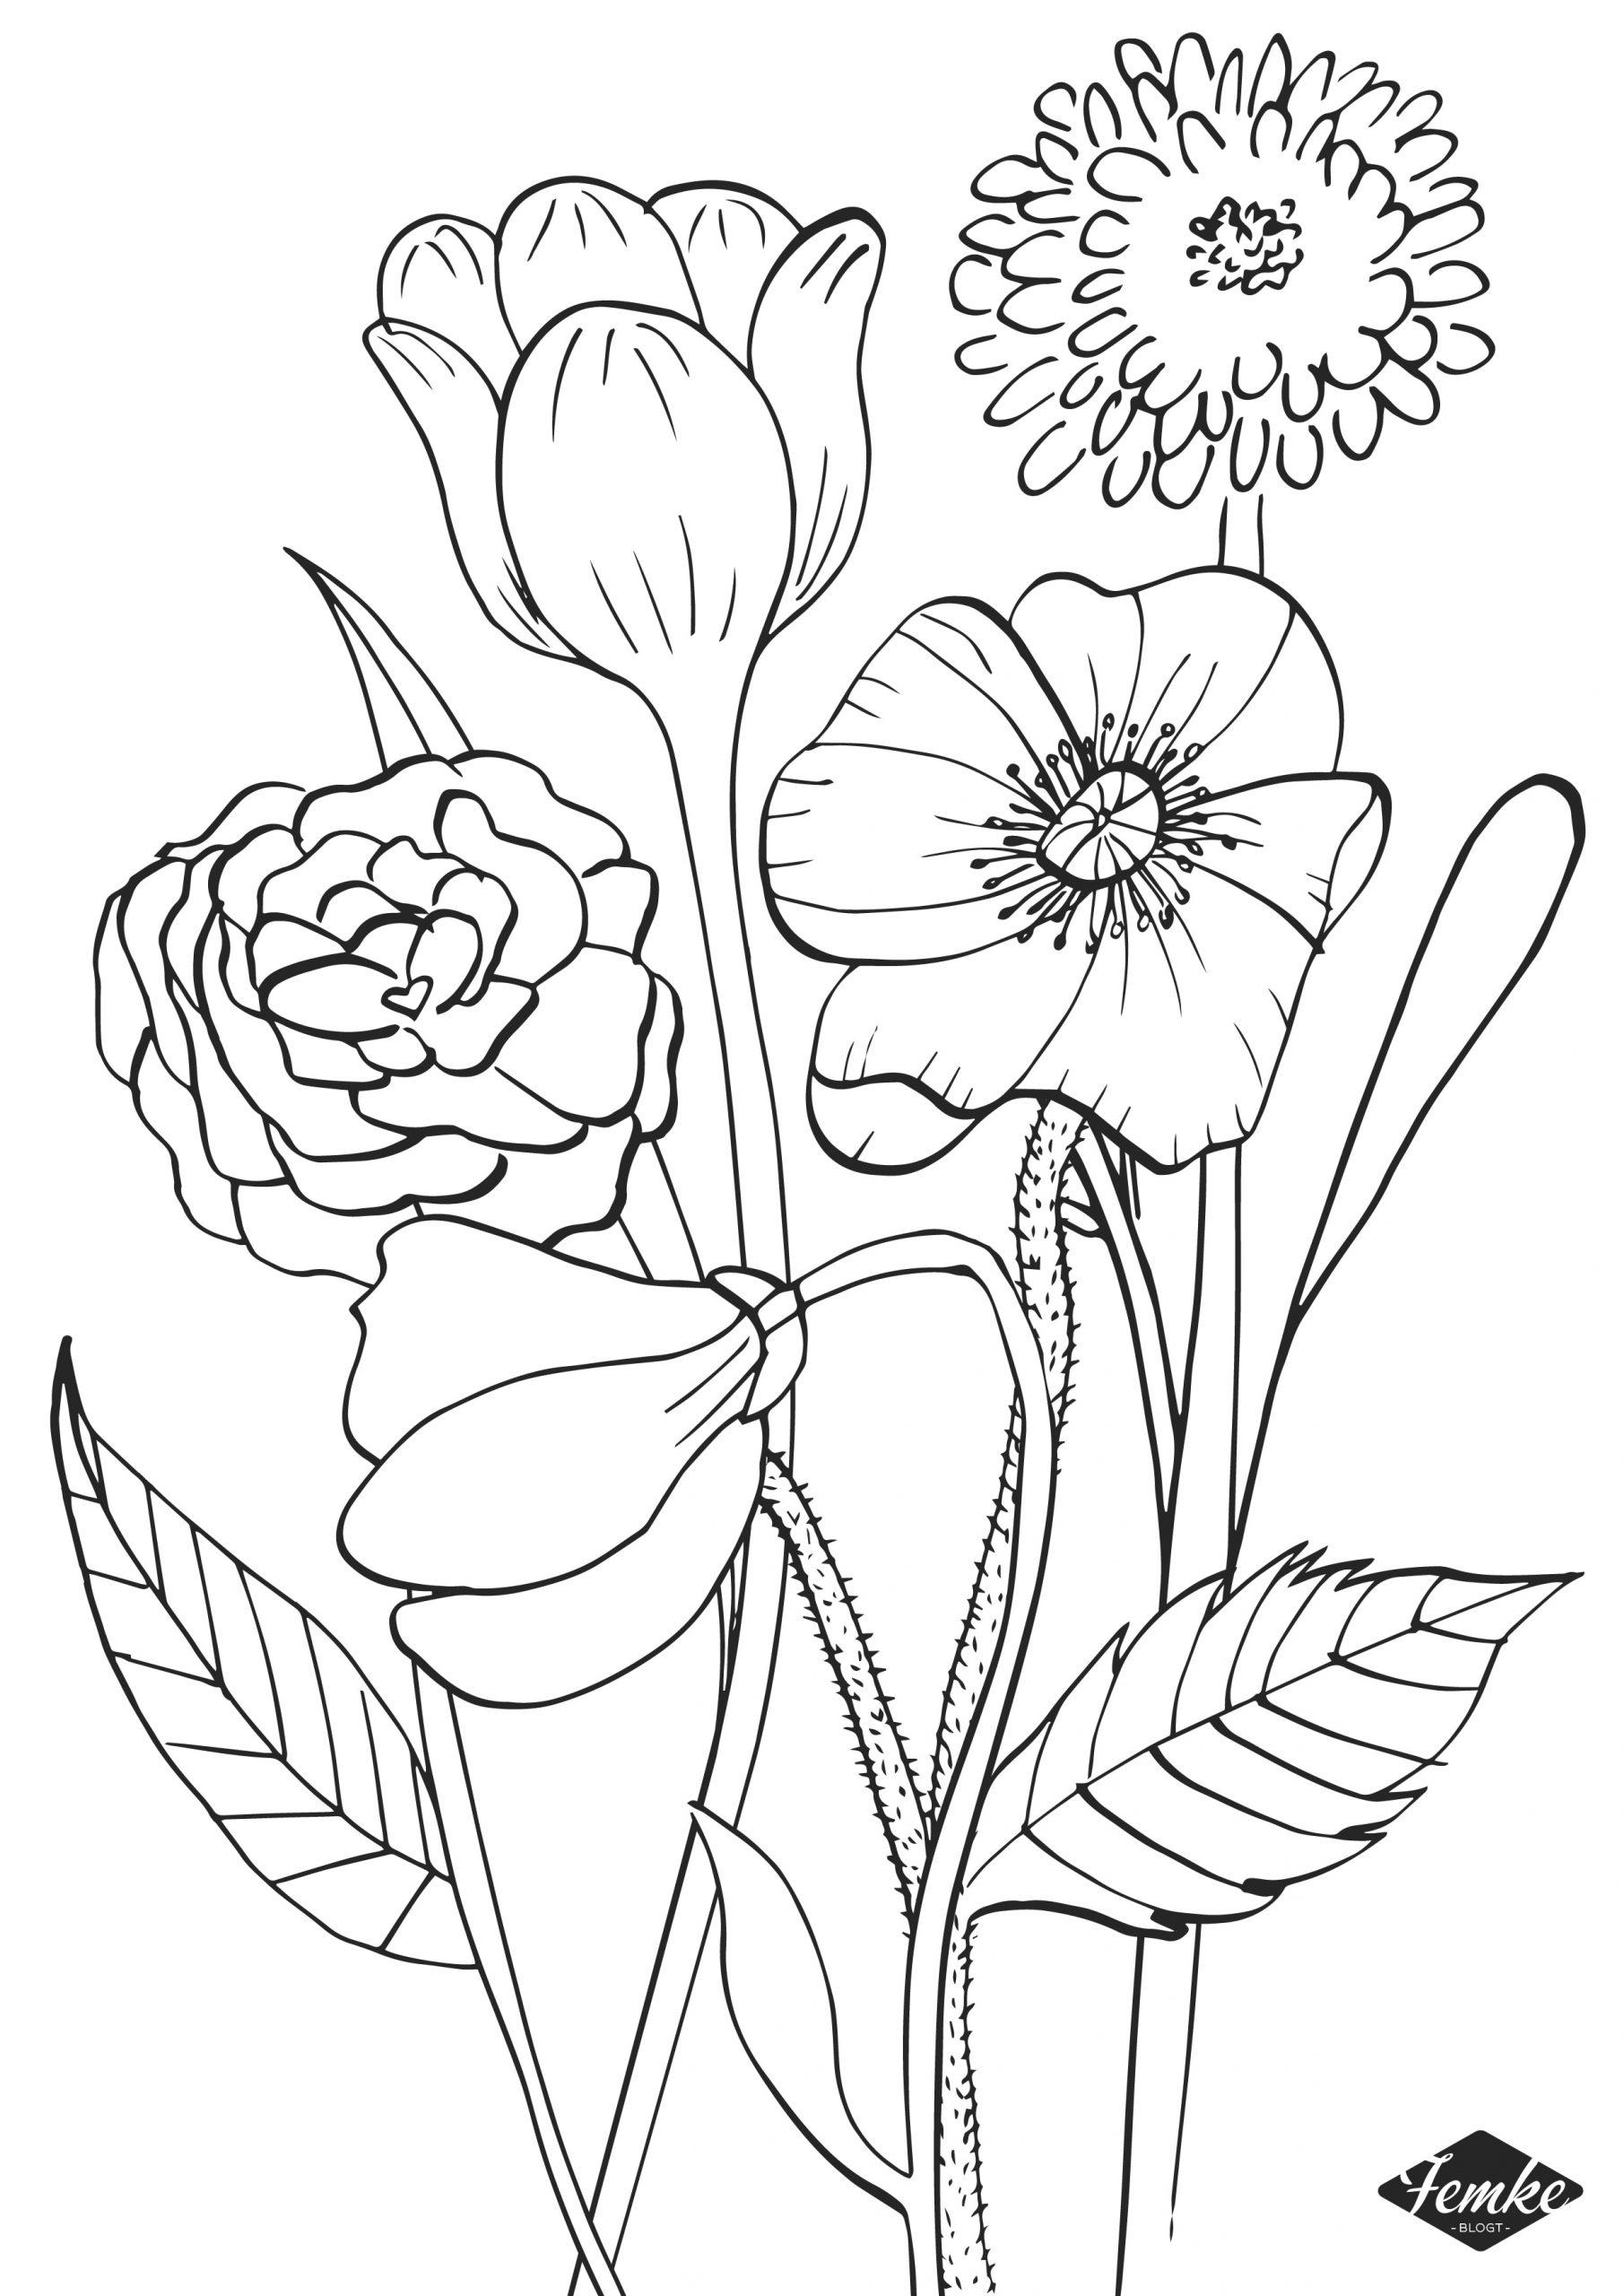 Vier de lente met een gratis lente kleurplaat!